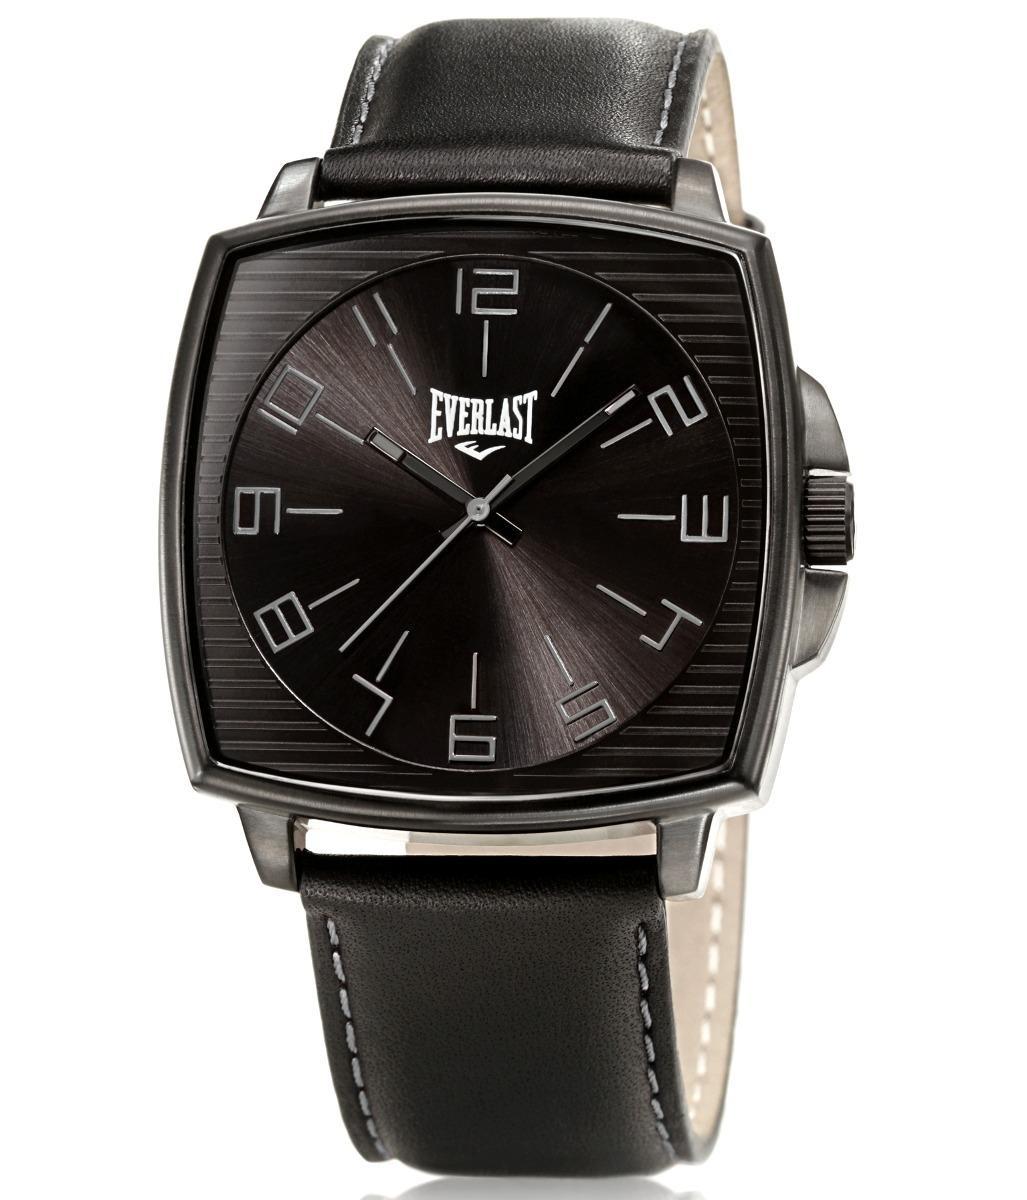 185518779db relógio pulso everlast caixa aço e pulseira couro e208 preto. Carregando  zoom.